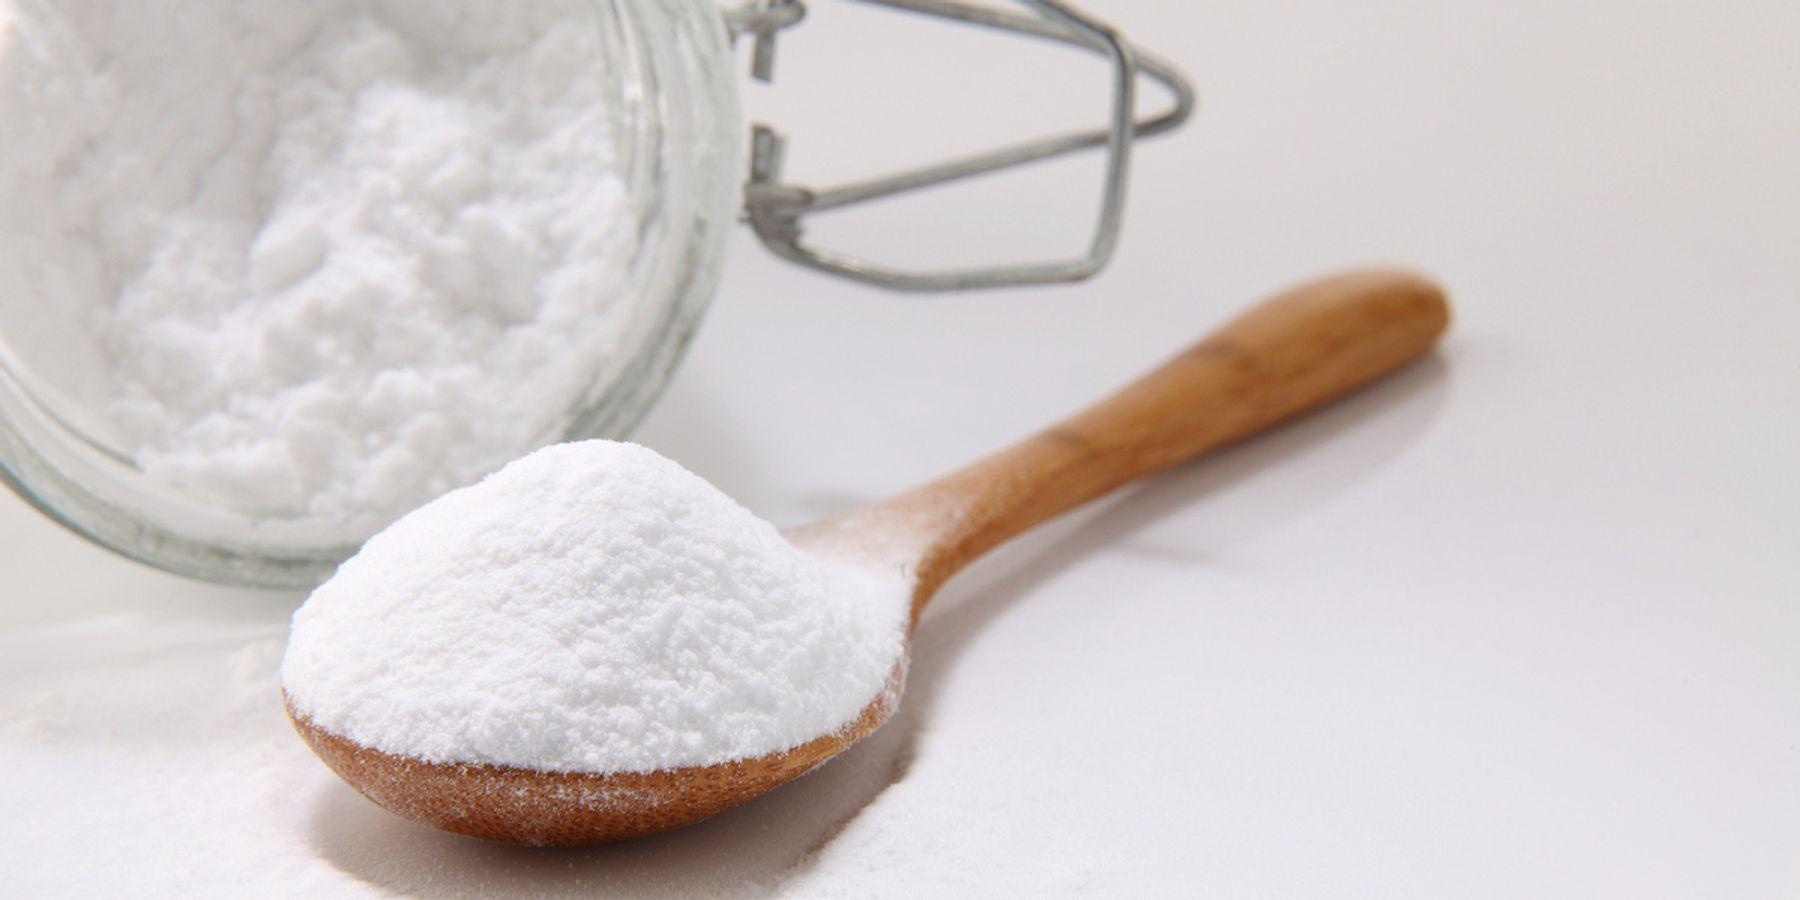 Sử dụng baking soda tẩy vết ố vàng nhà vệ sinh